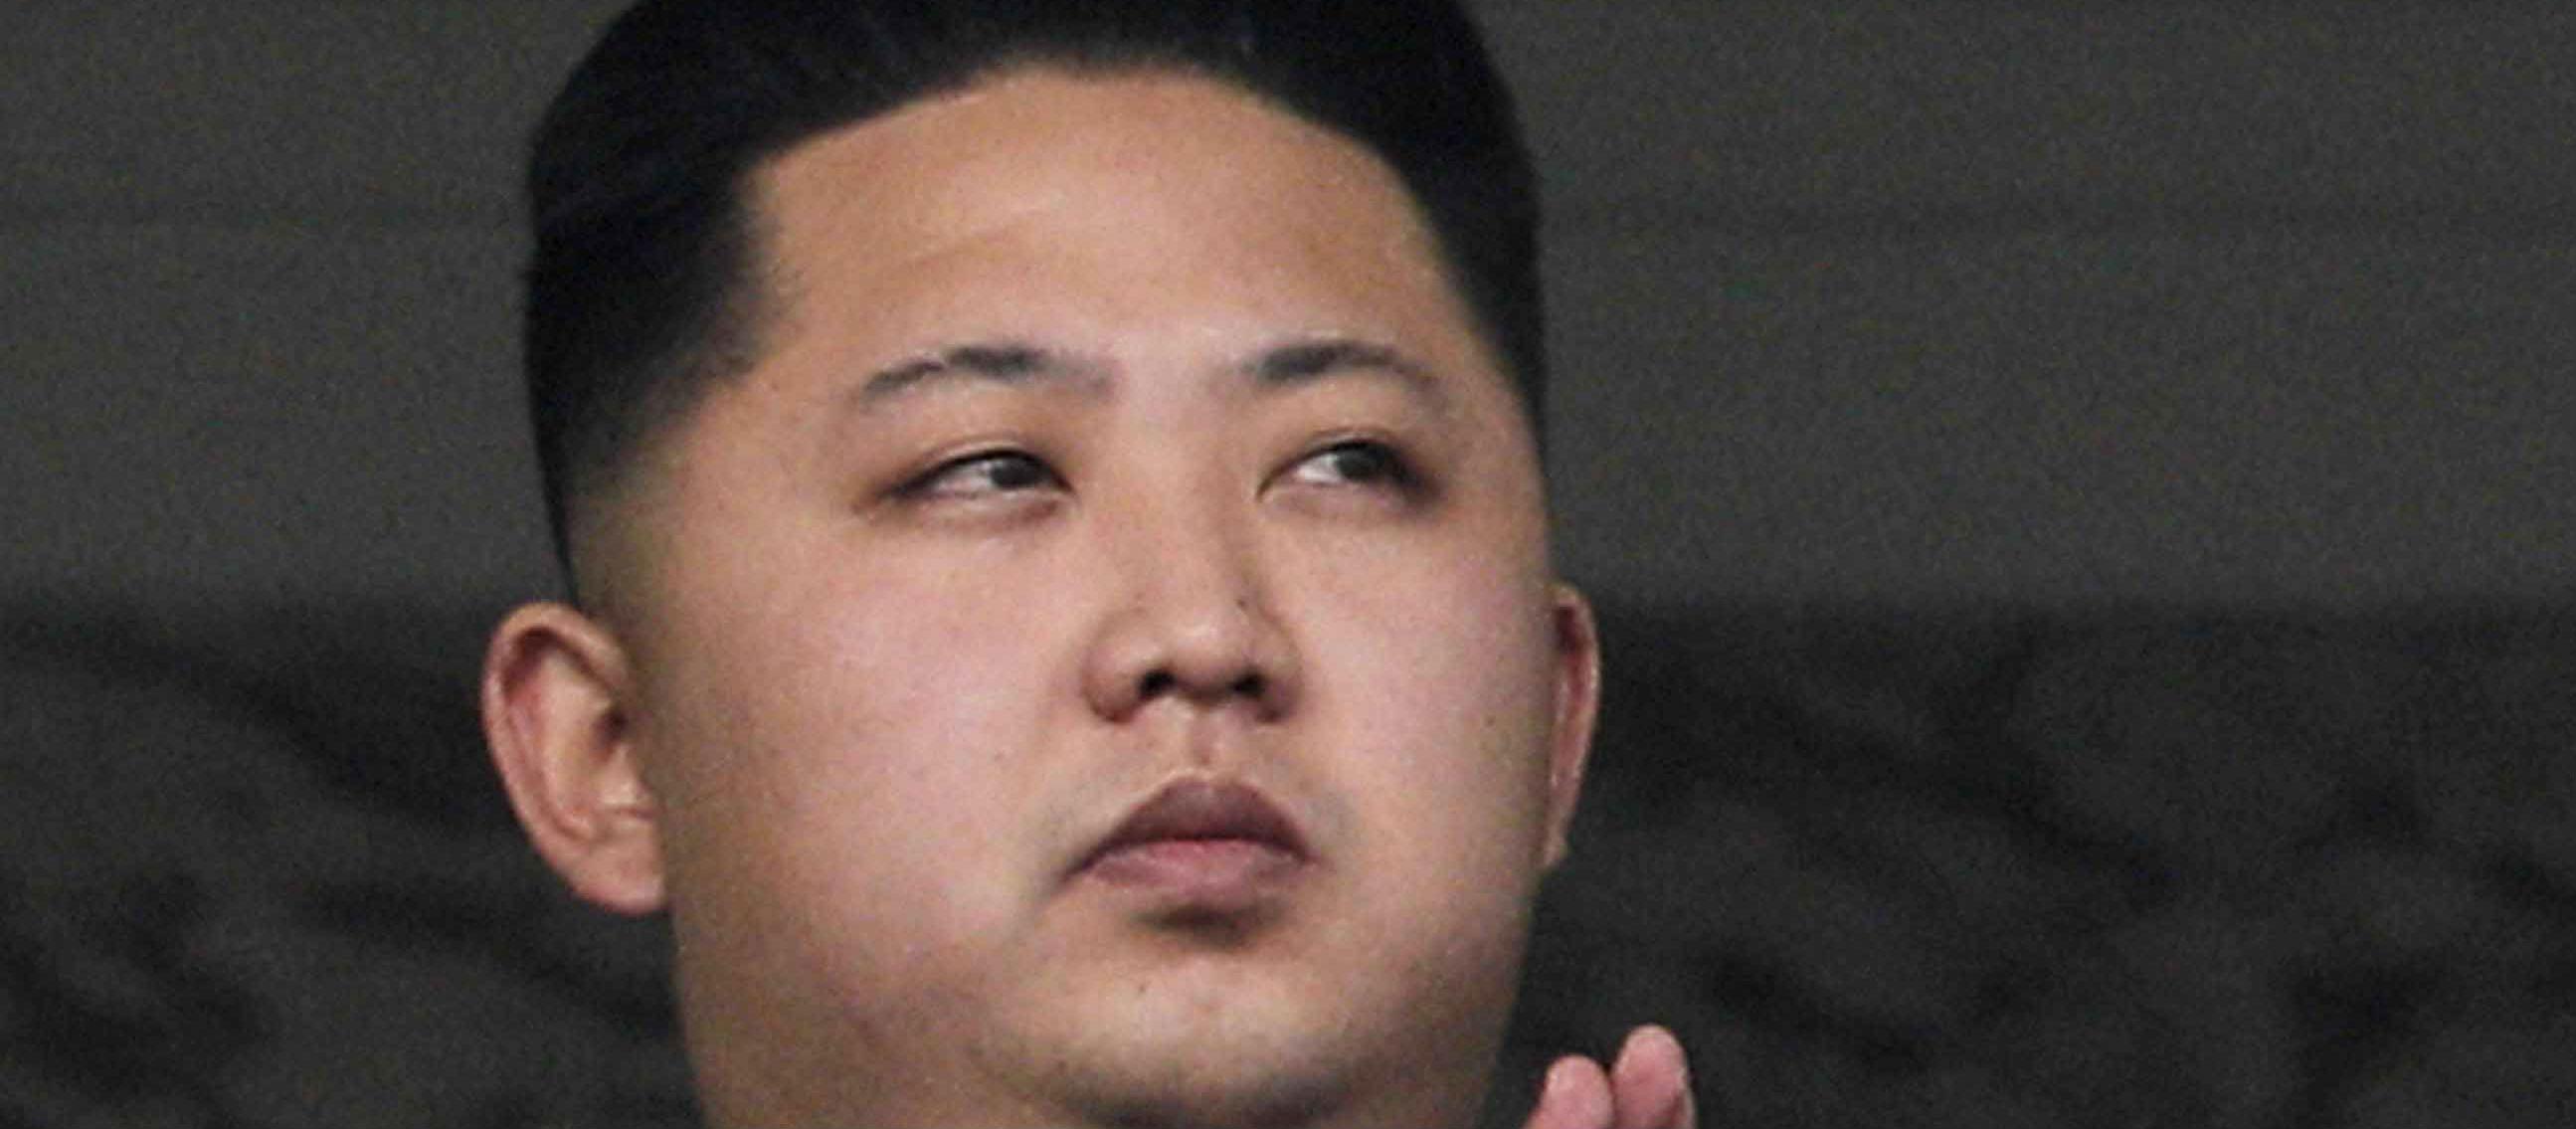 Ross Slammed Over N Korea Trip